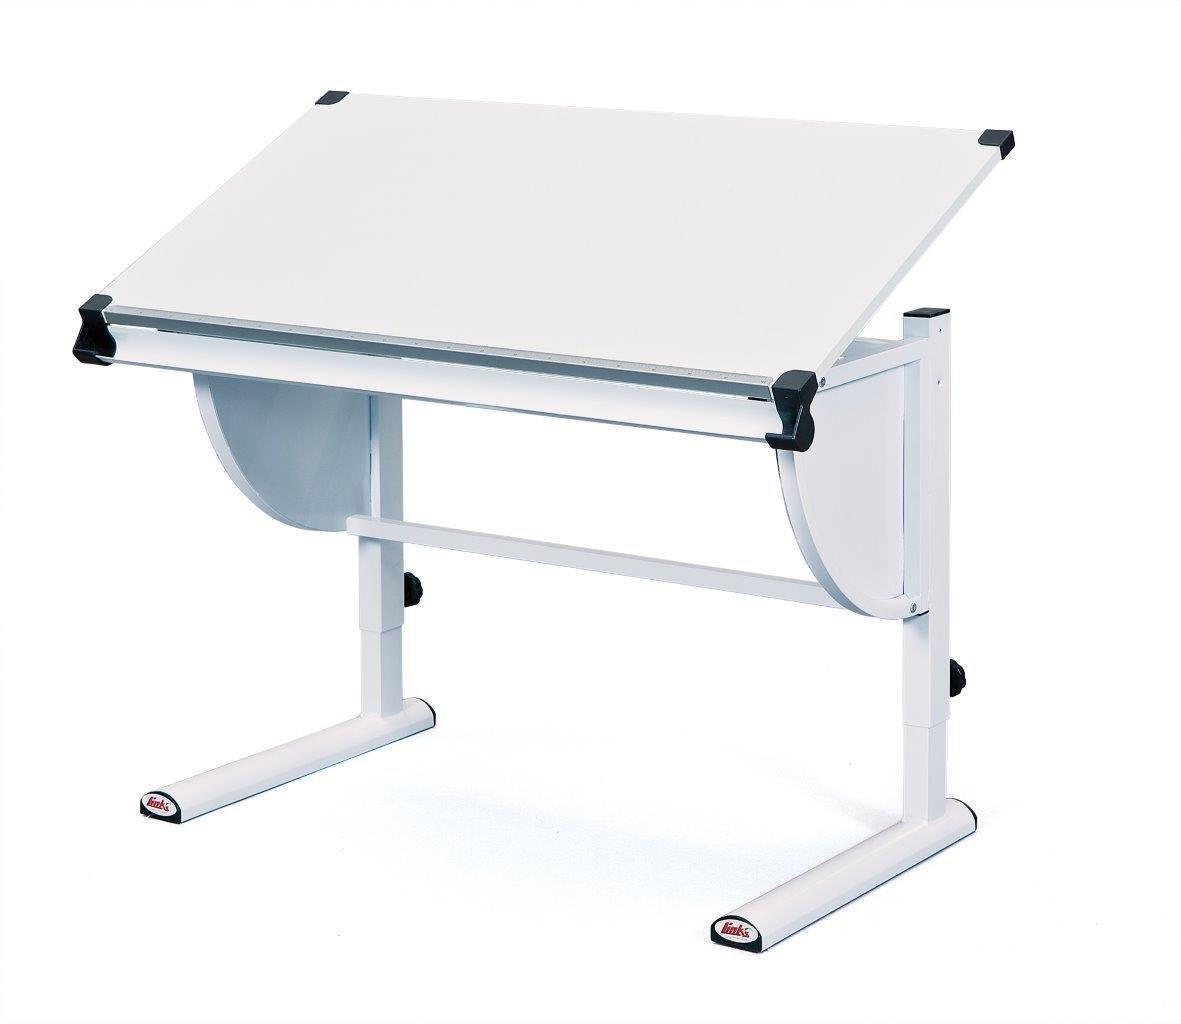 Esidra Galveston Scrittoio con Piano Inclinabile, Metallo, Bianco, 110x60x63 cm Links 51040450 F00011901062_BIANCO